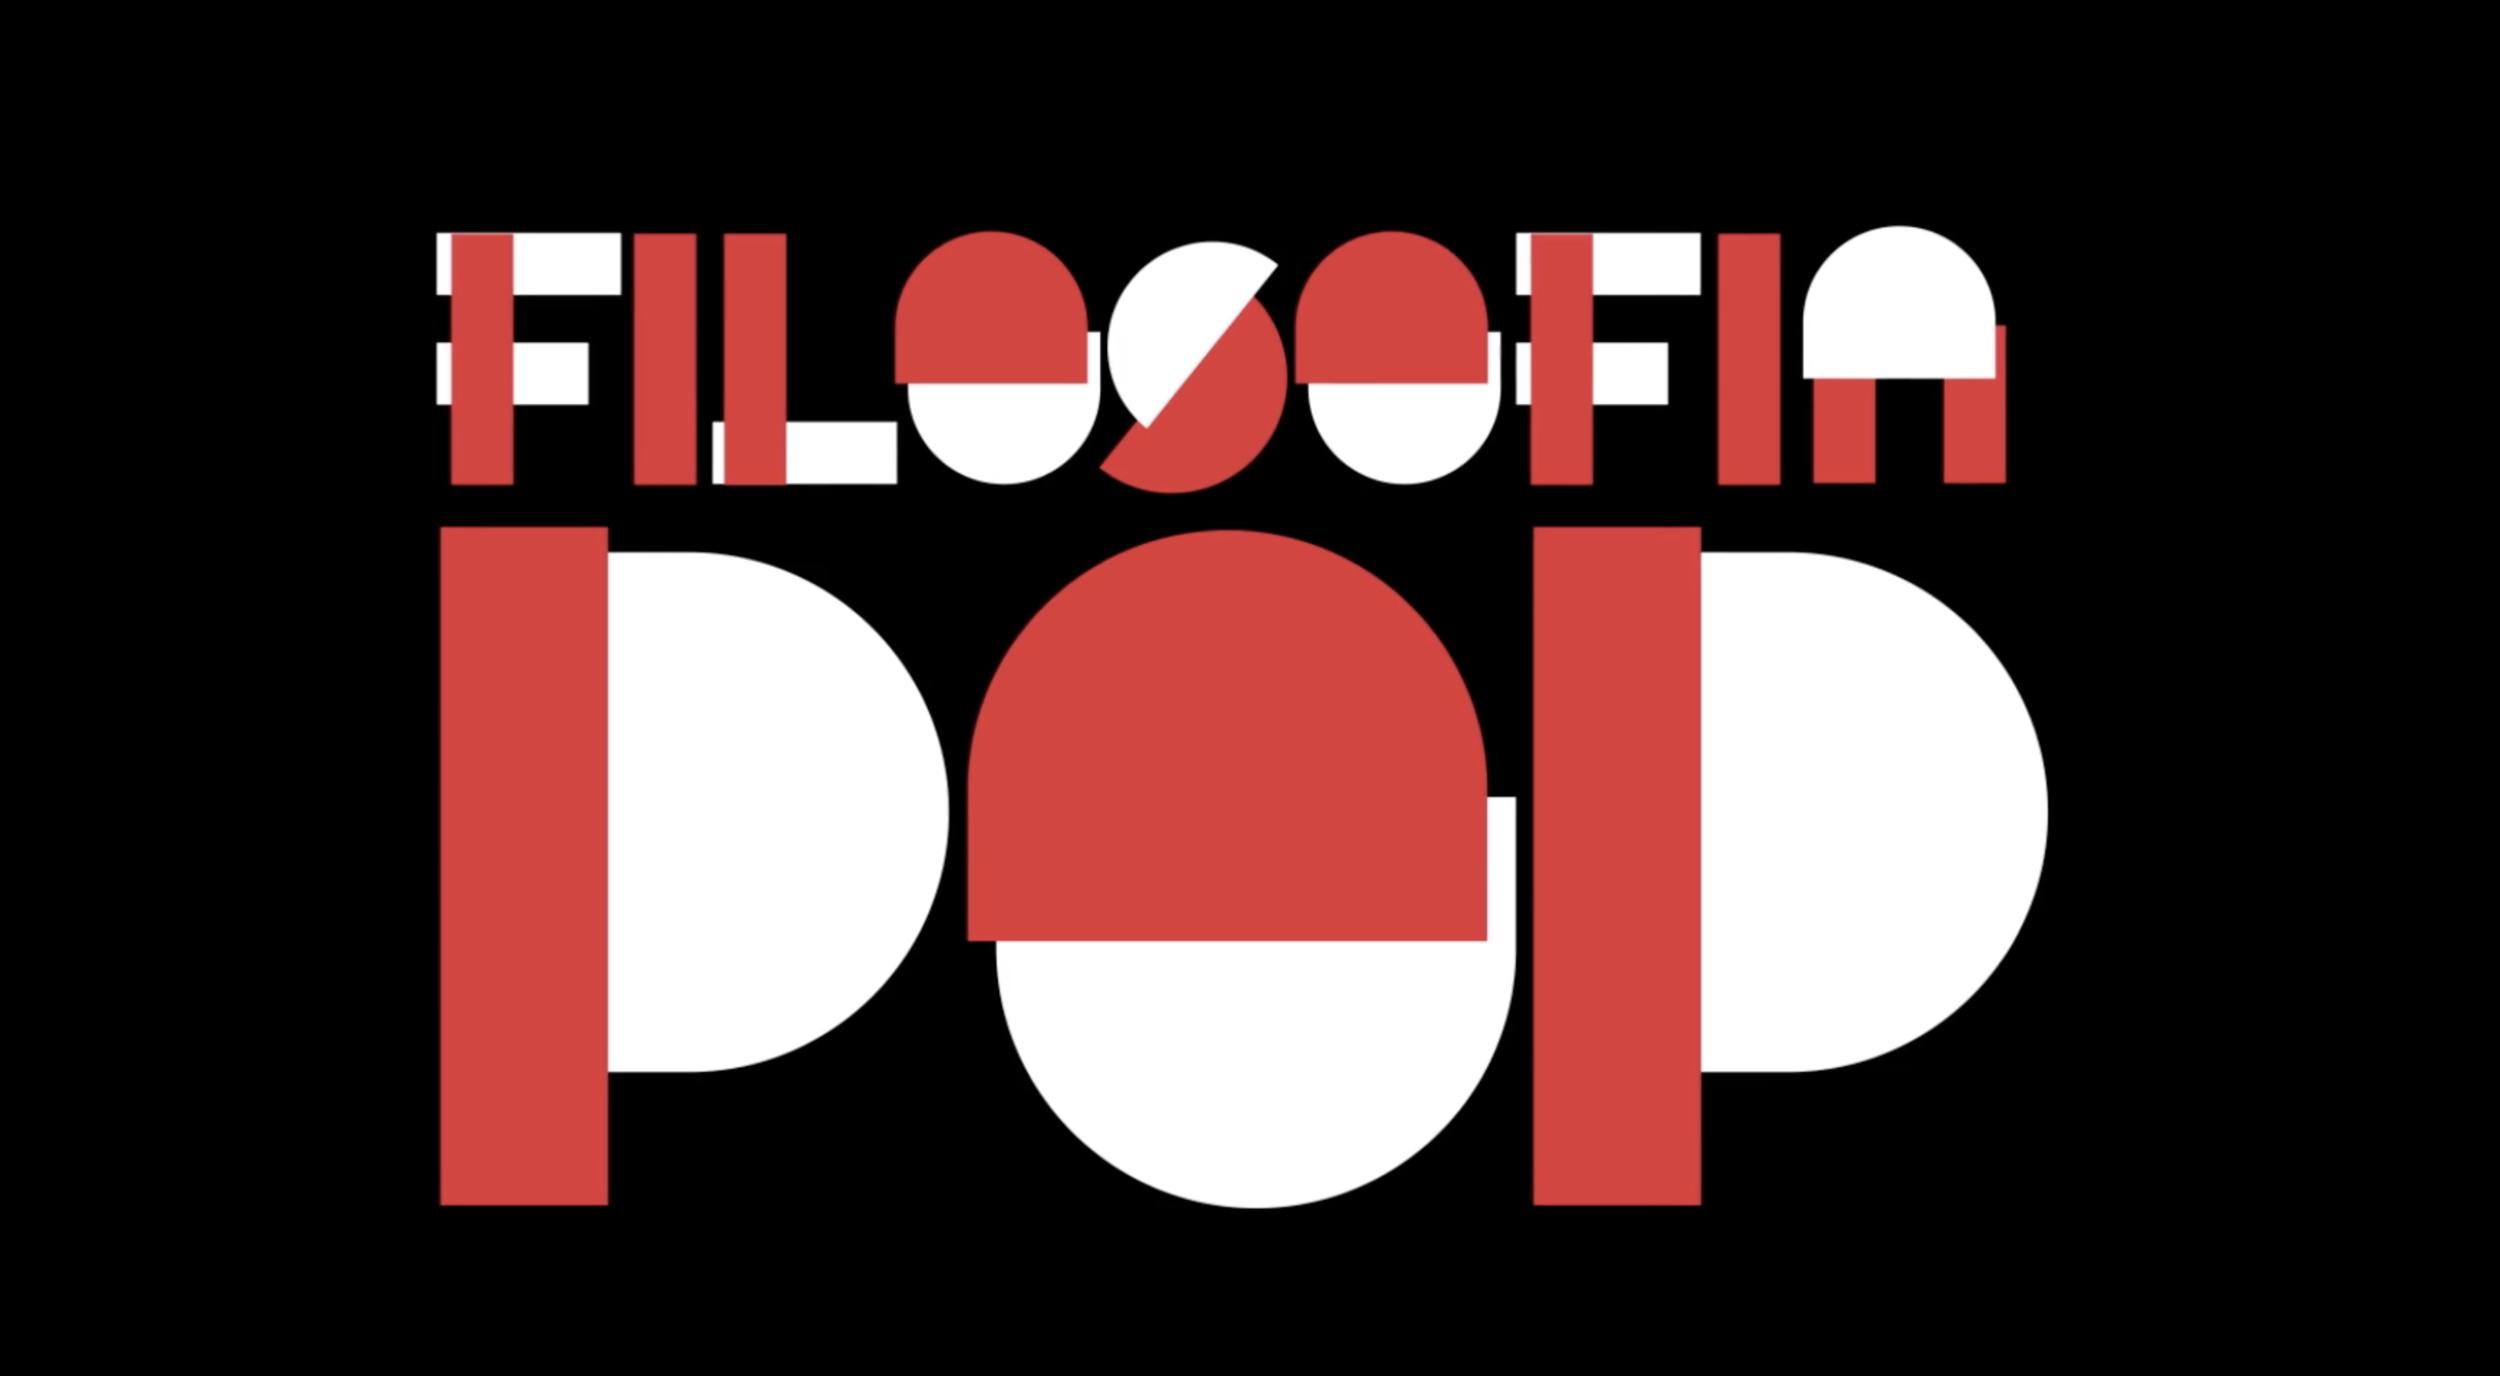 FILOSOFIA POP - 2ND SEASON